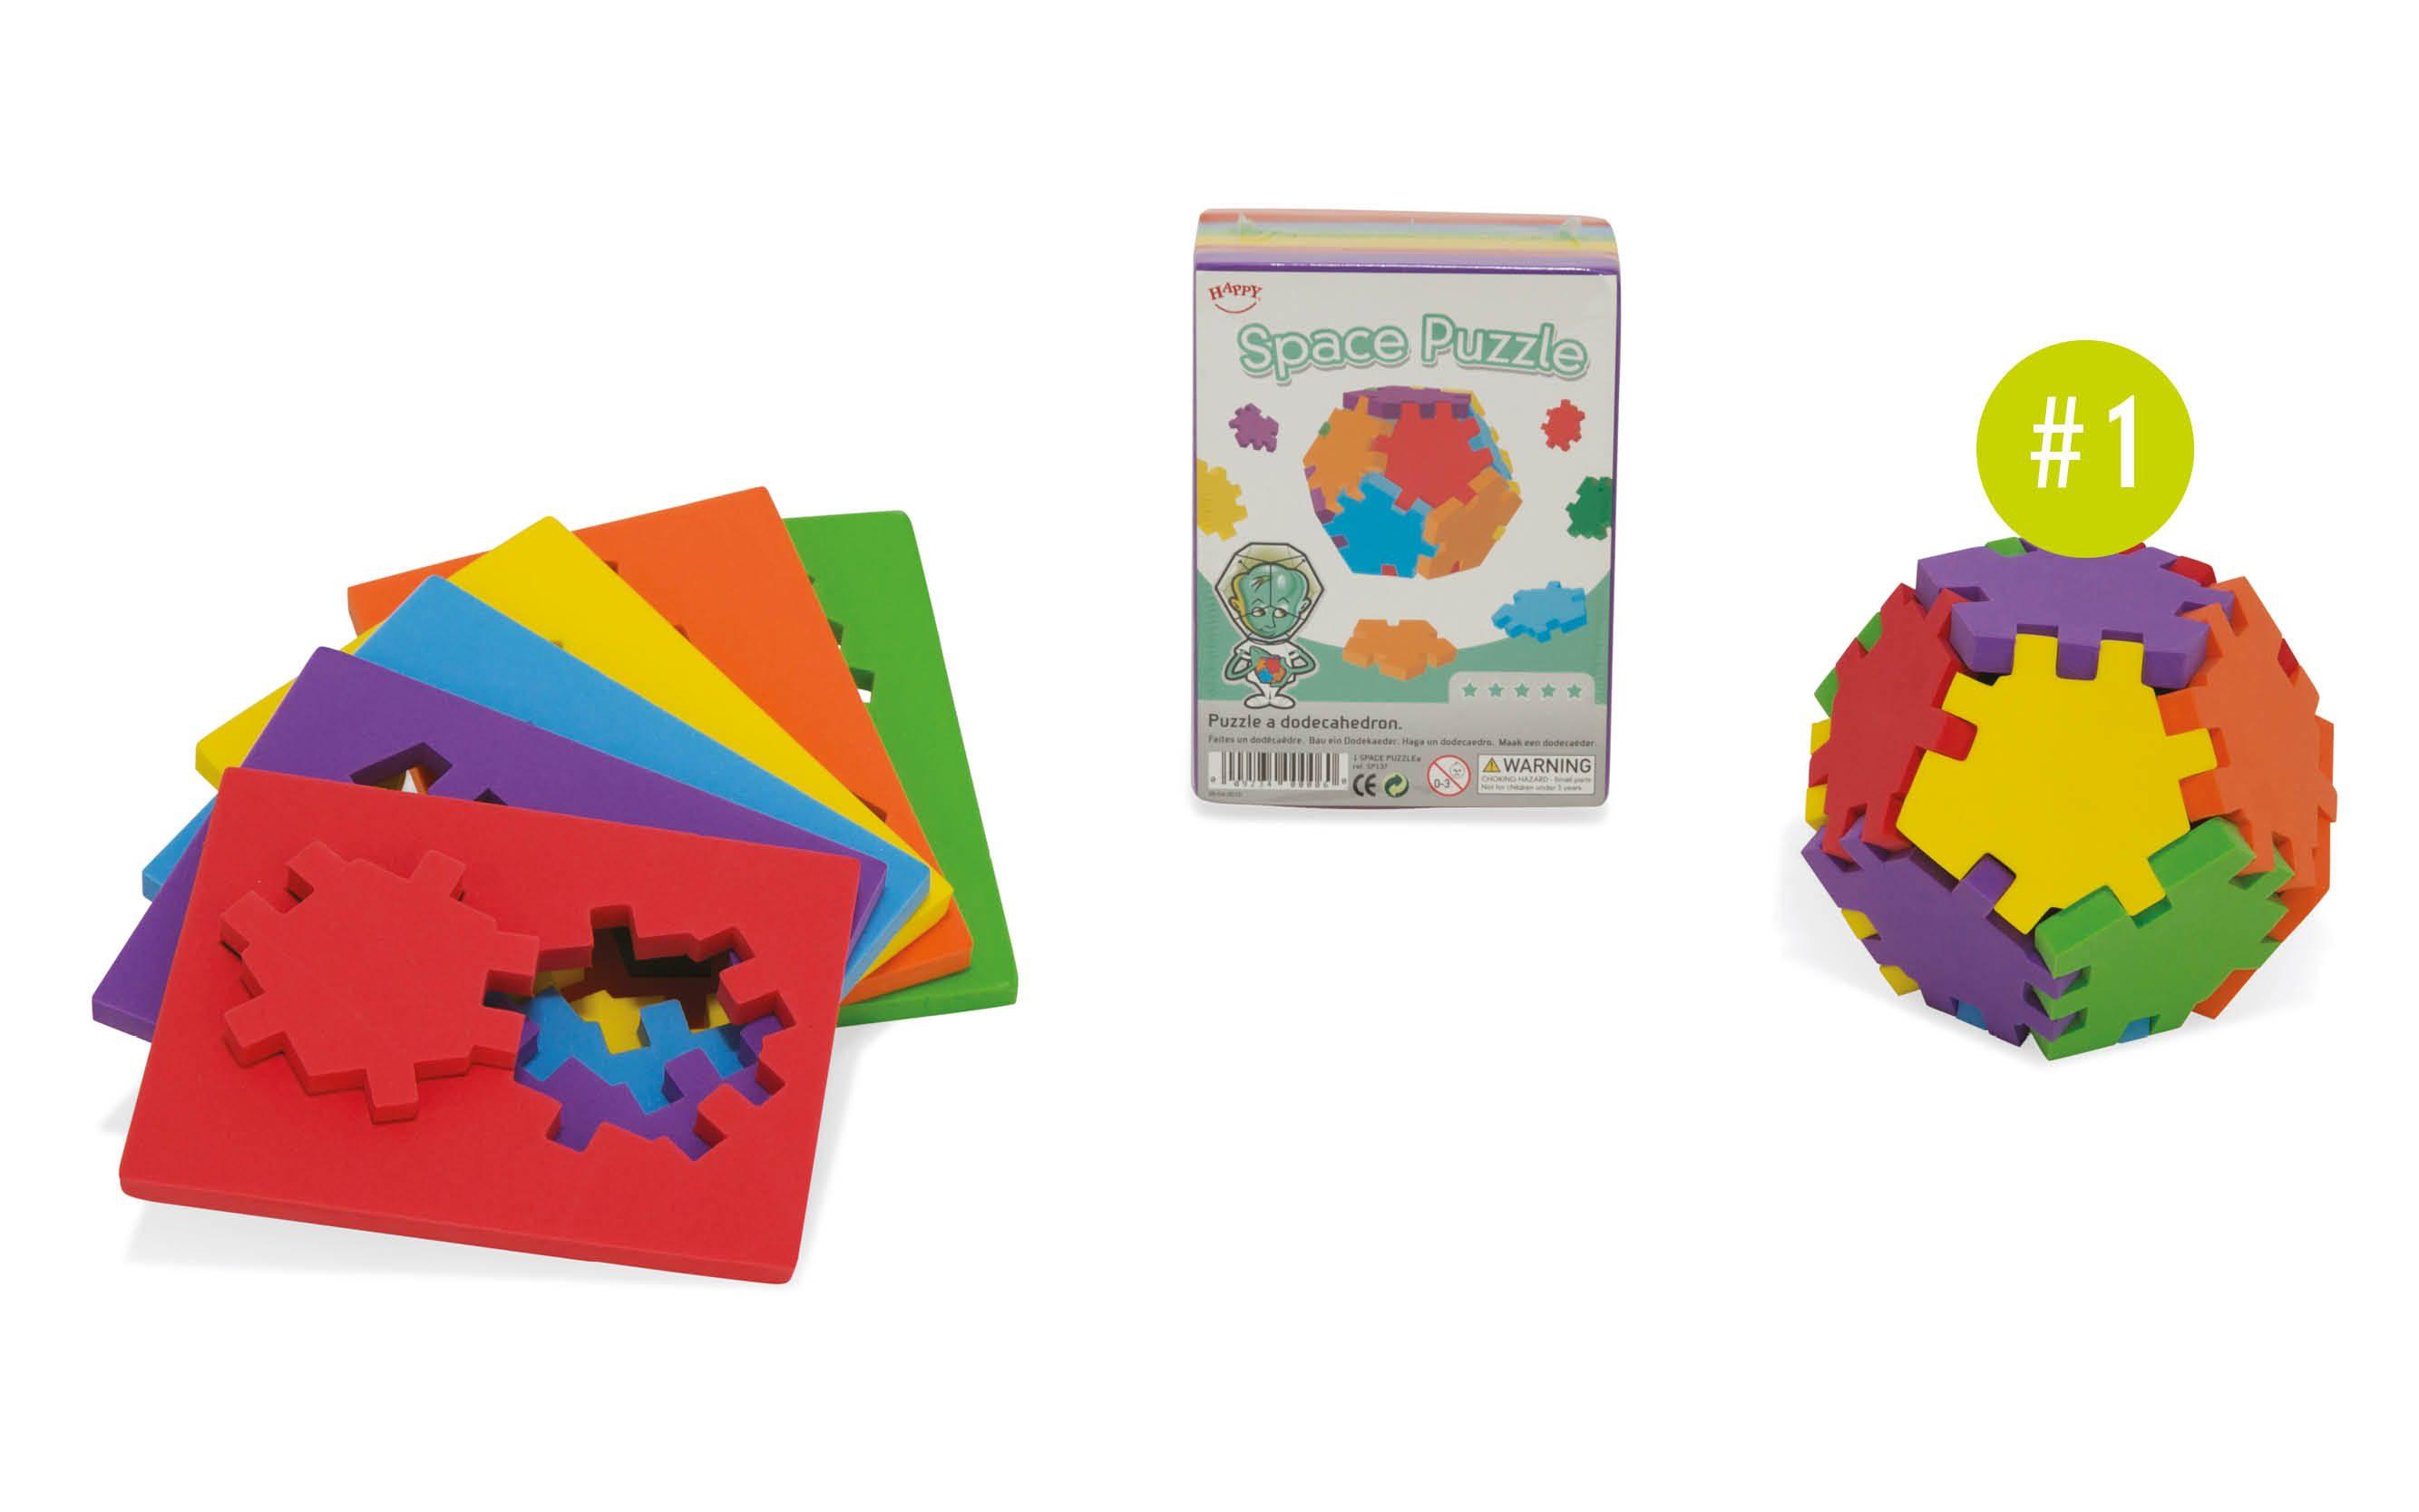 Happy_SpacePuzzle_packaging